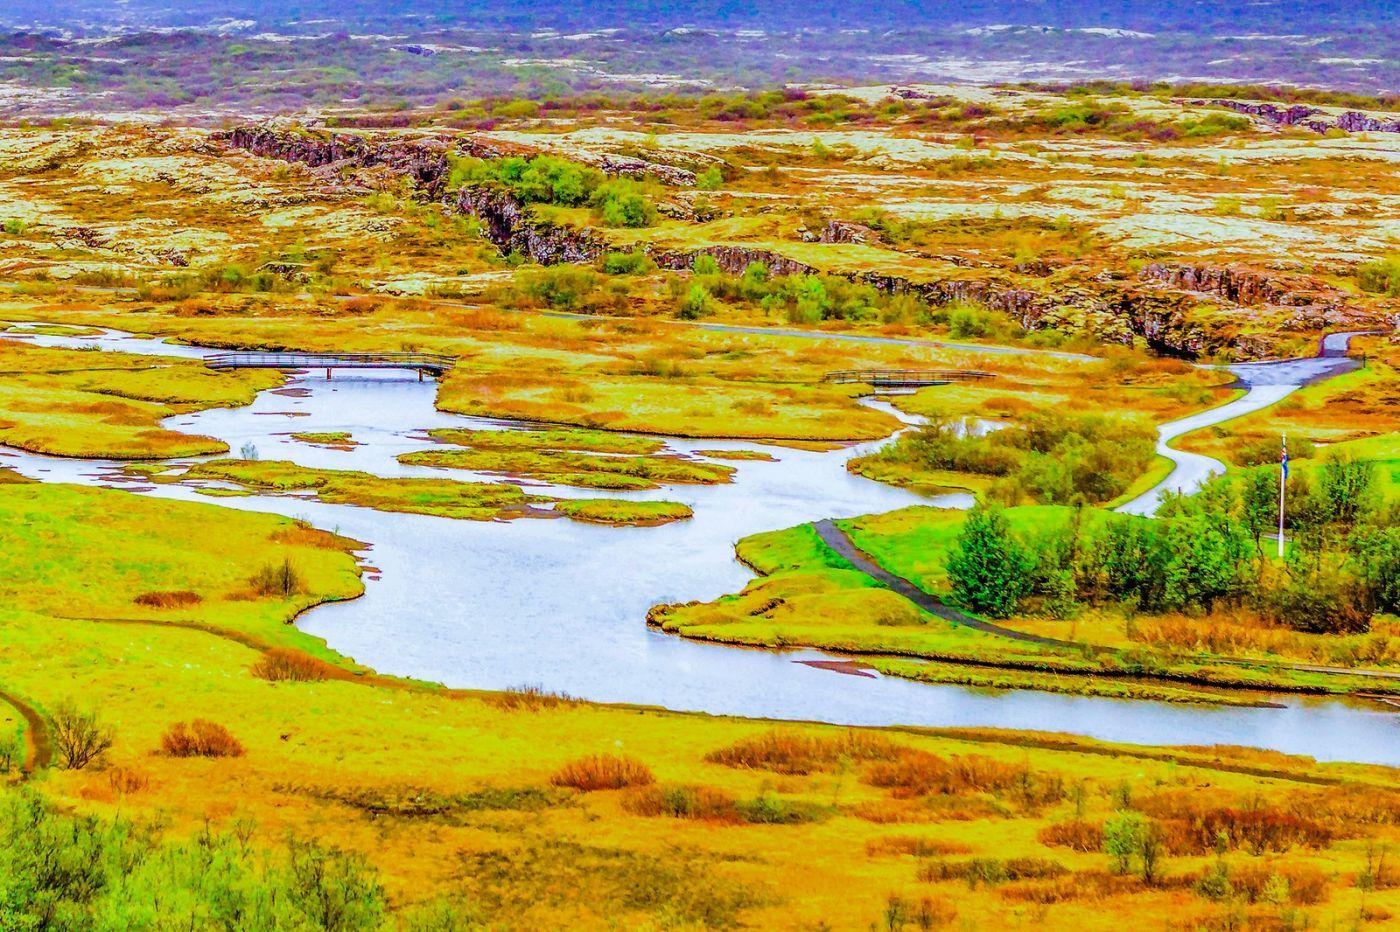 冰岛辛格韦德利国家公园,世界遗产_图1-25